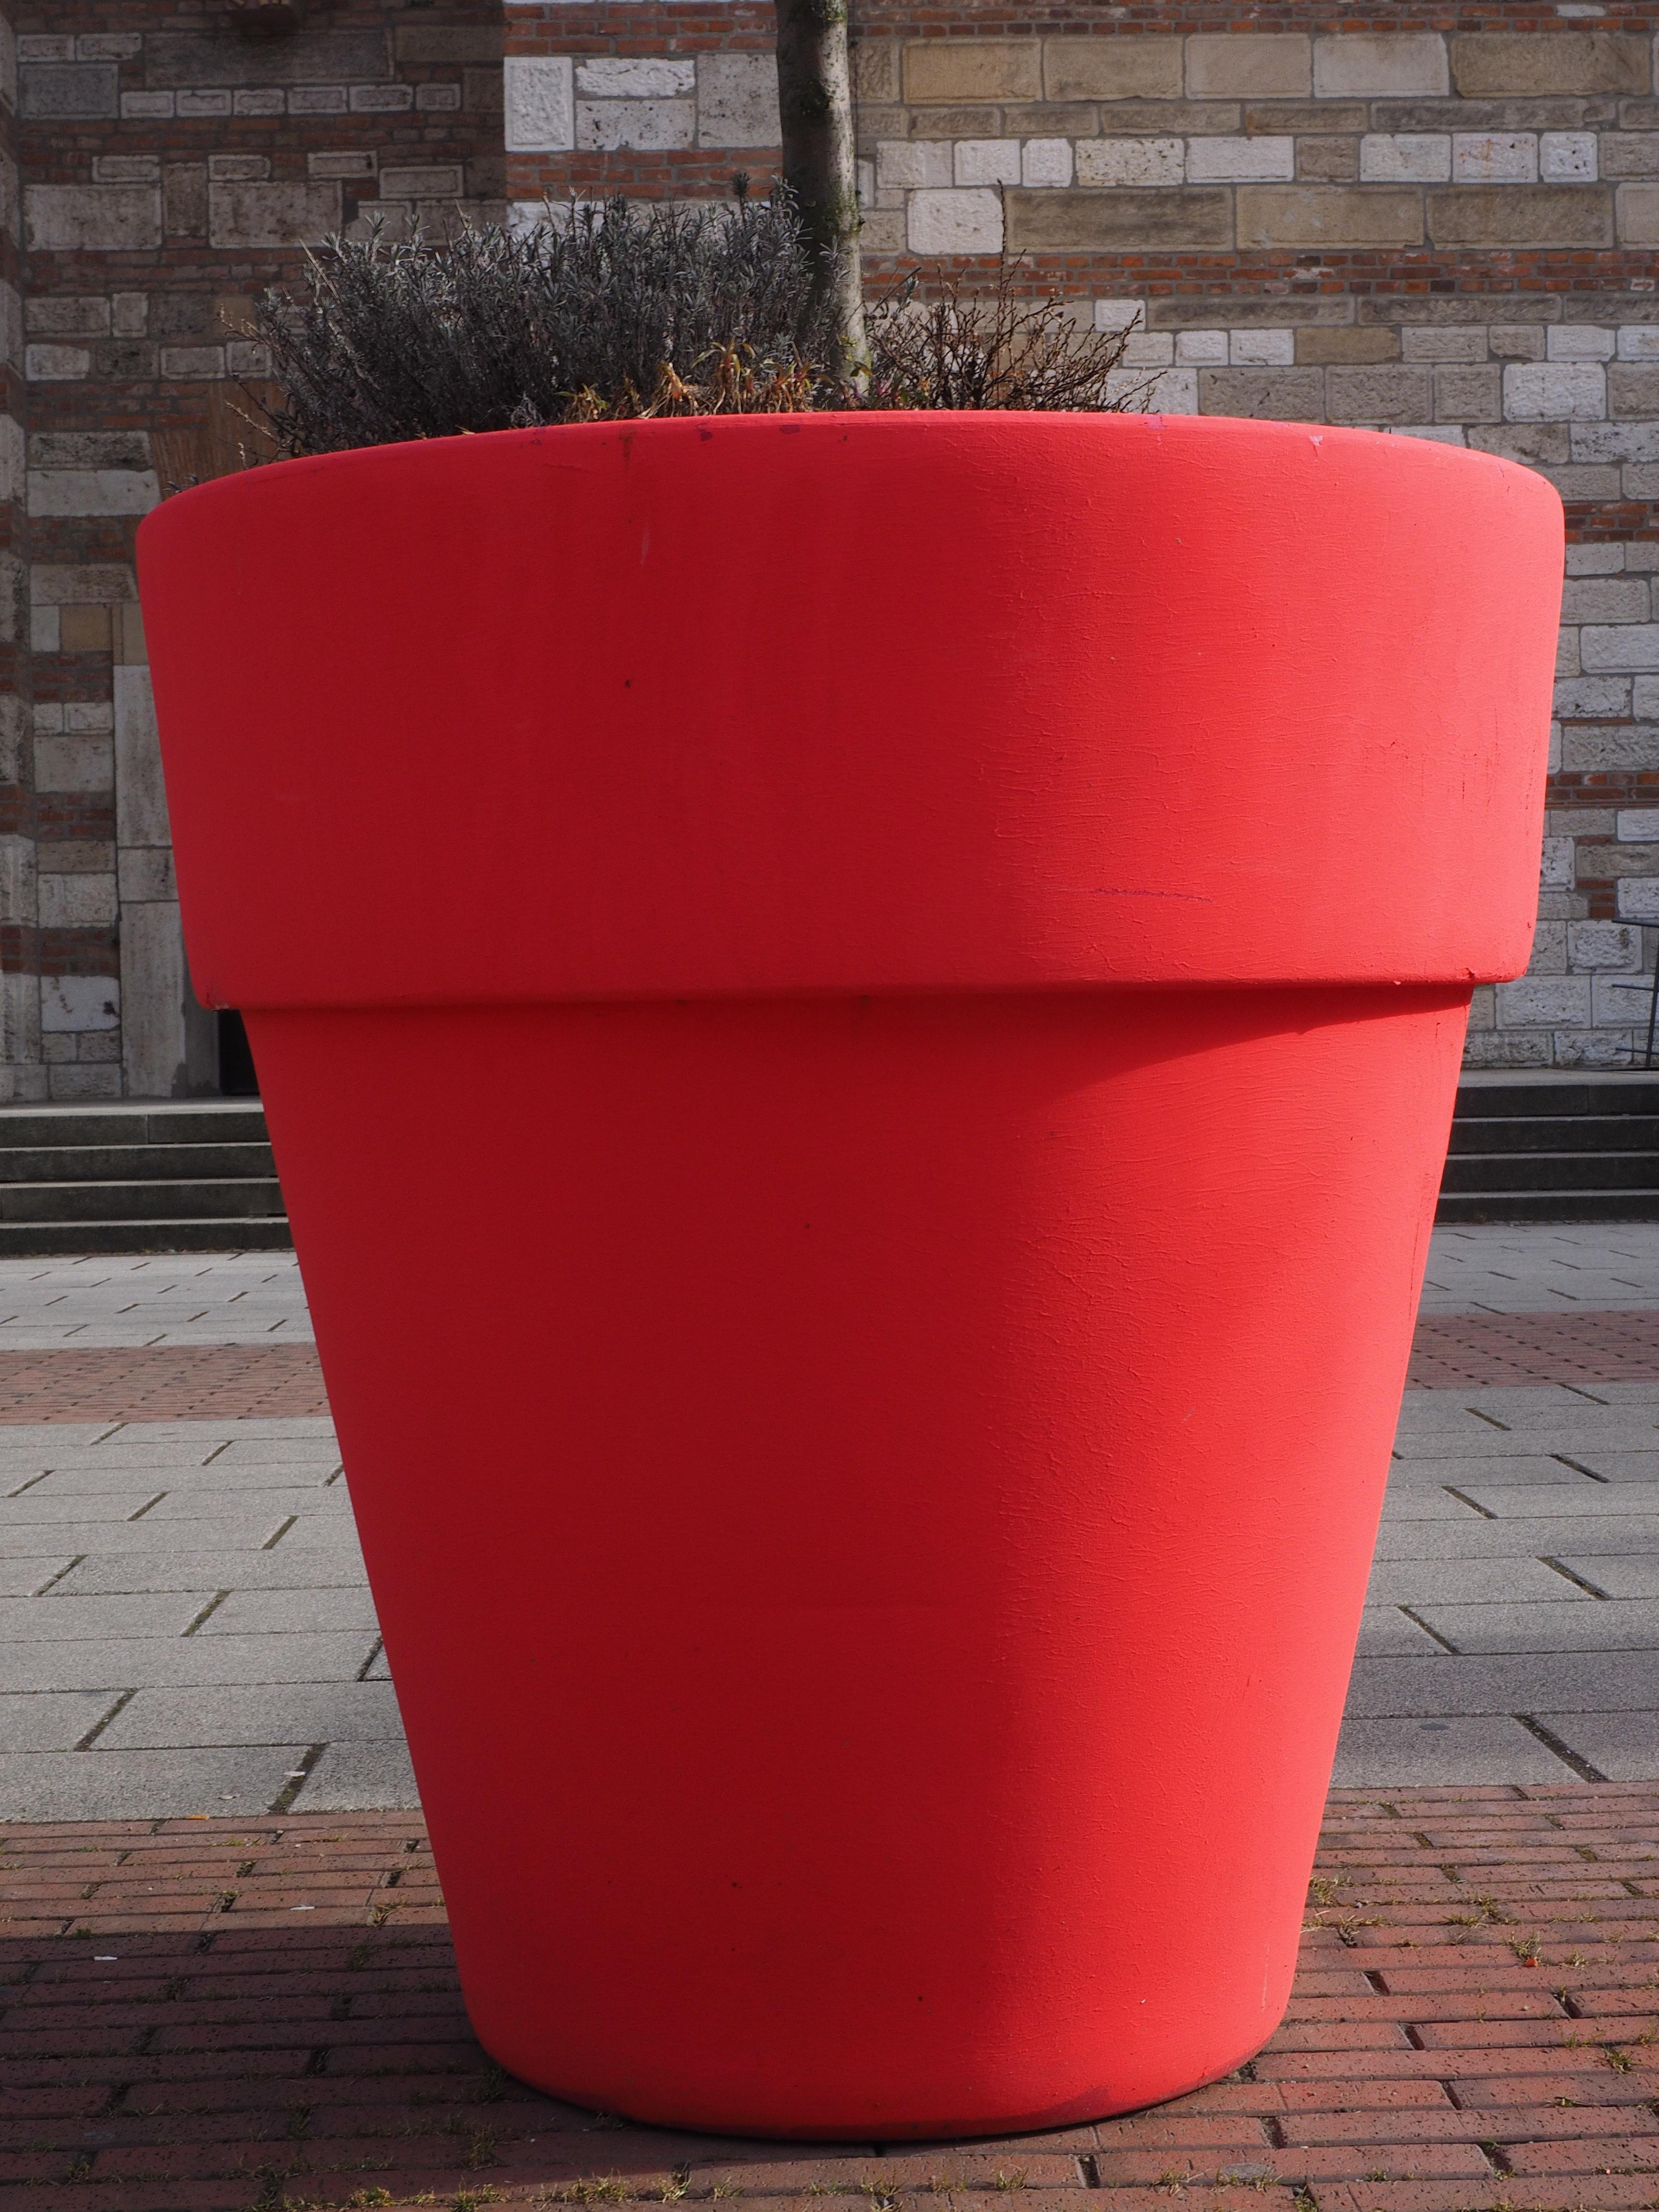 Pot Plastique Grande Taille images gratuites : rouge, meubles, pot de fleur, forme